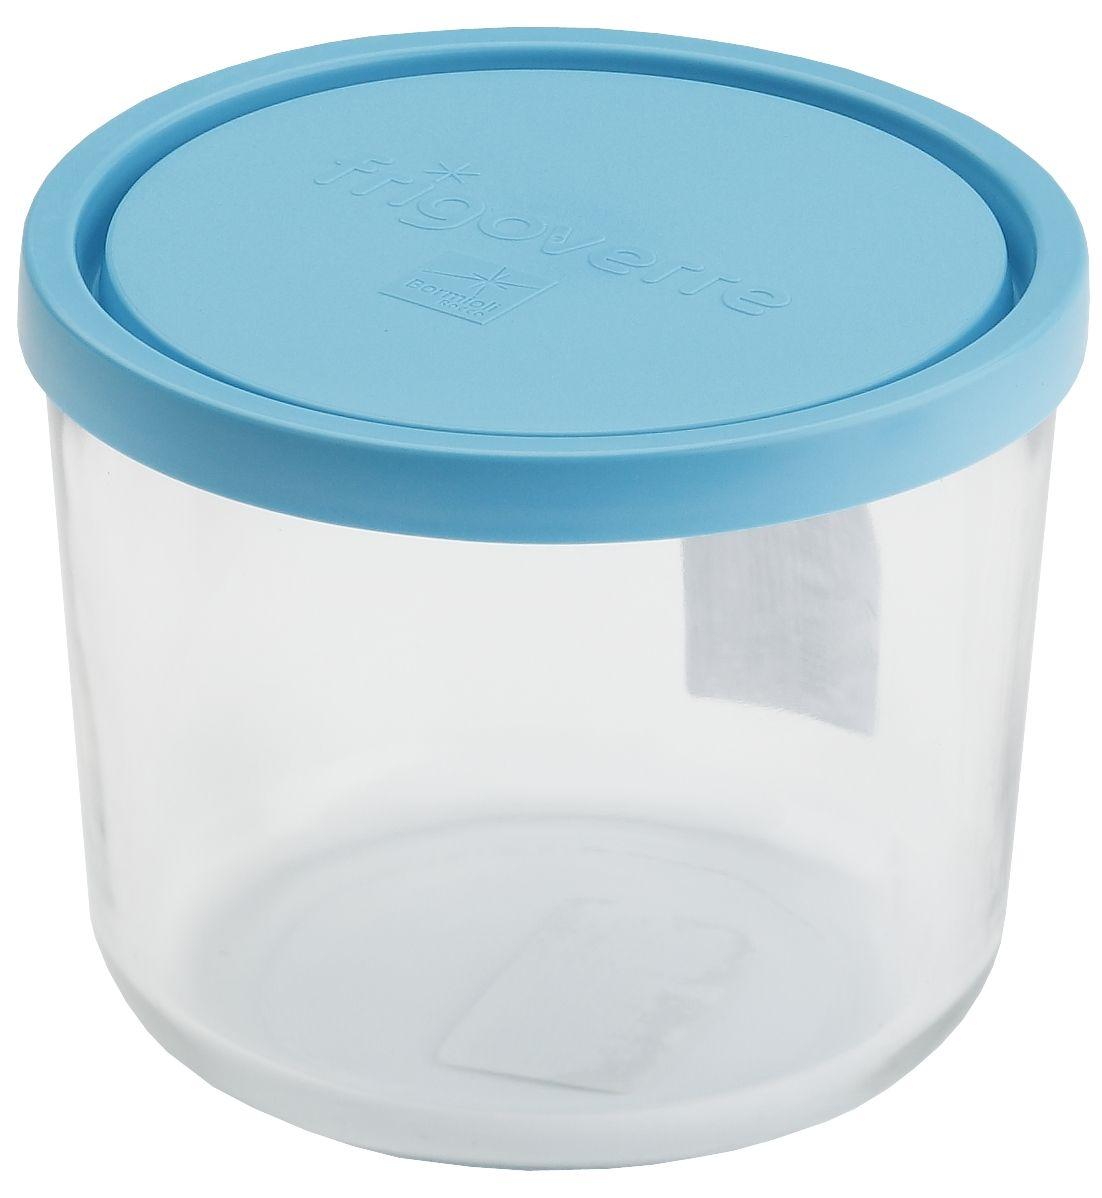 Контейнер Bormioli Rocco Frigoverre, круглый, цвет: синий, 700 млB339140-1Стеклянный герметичный контейнер с крышкой Bormioli Rocco Frigoverre для хранения пищи. Из холодильника сразу в микроволновую печь! Выдерживает температурный удар от - 20С до +70С. Безопасен для хранения готовых продуктов. Не содержит Бисфенол А. BPA Free. Закаленное стекло. В 5 раз повышена ударостойкость. Устойчив к царапинам и сколам. Удобство использования. Изделие легко моется. Можно использовать в посудомоечной машине. Настоящее итальянское качество!